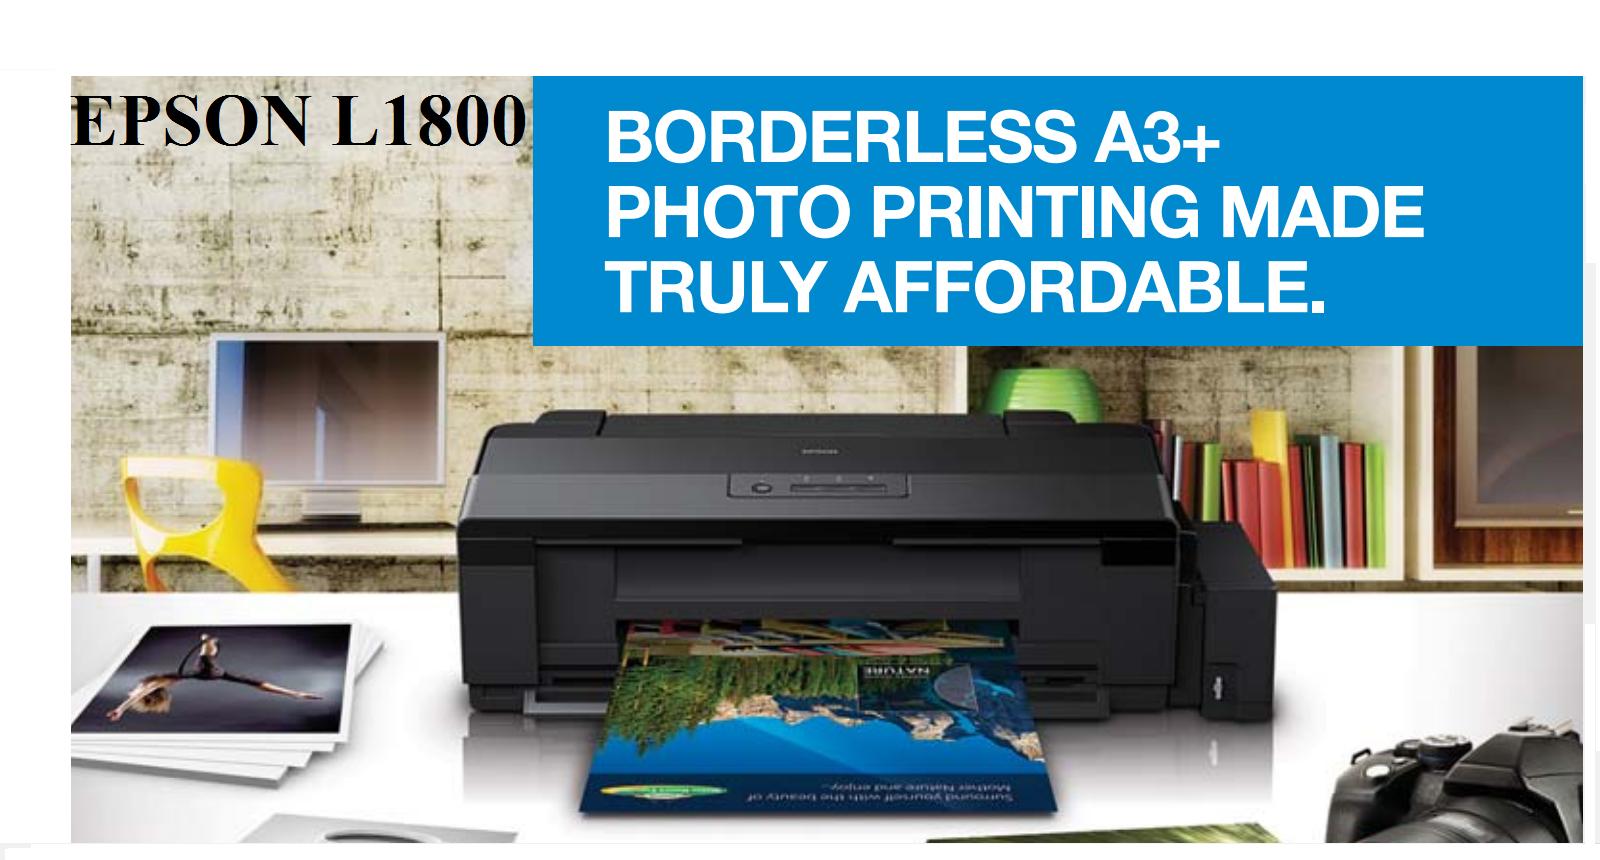 Muc In Epson L1800 Mc Cung Cp Phn Phi Printer